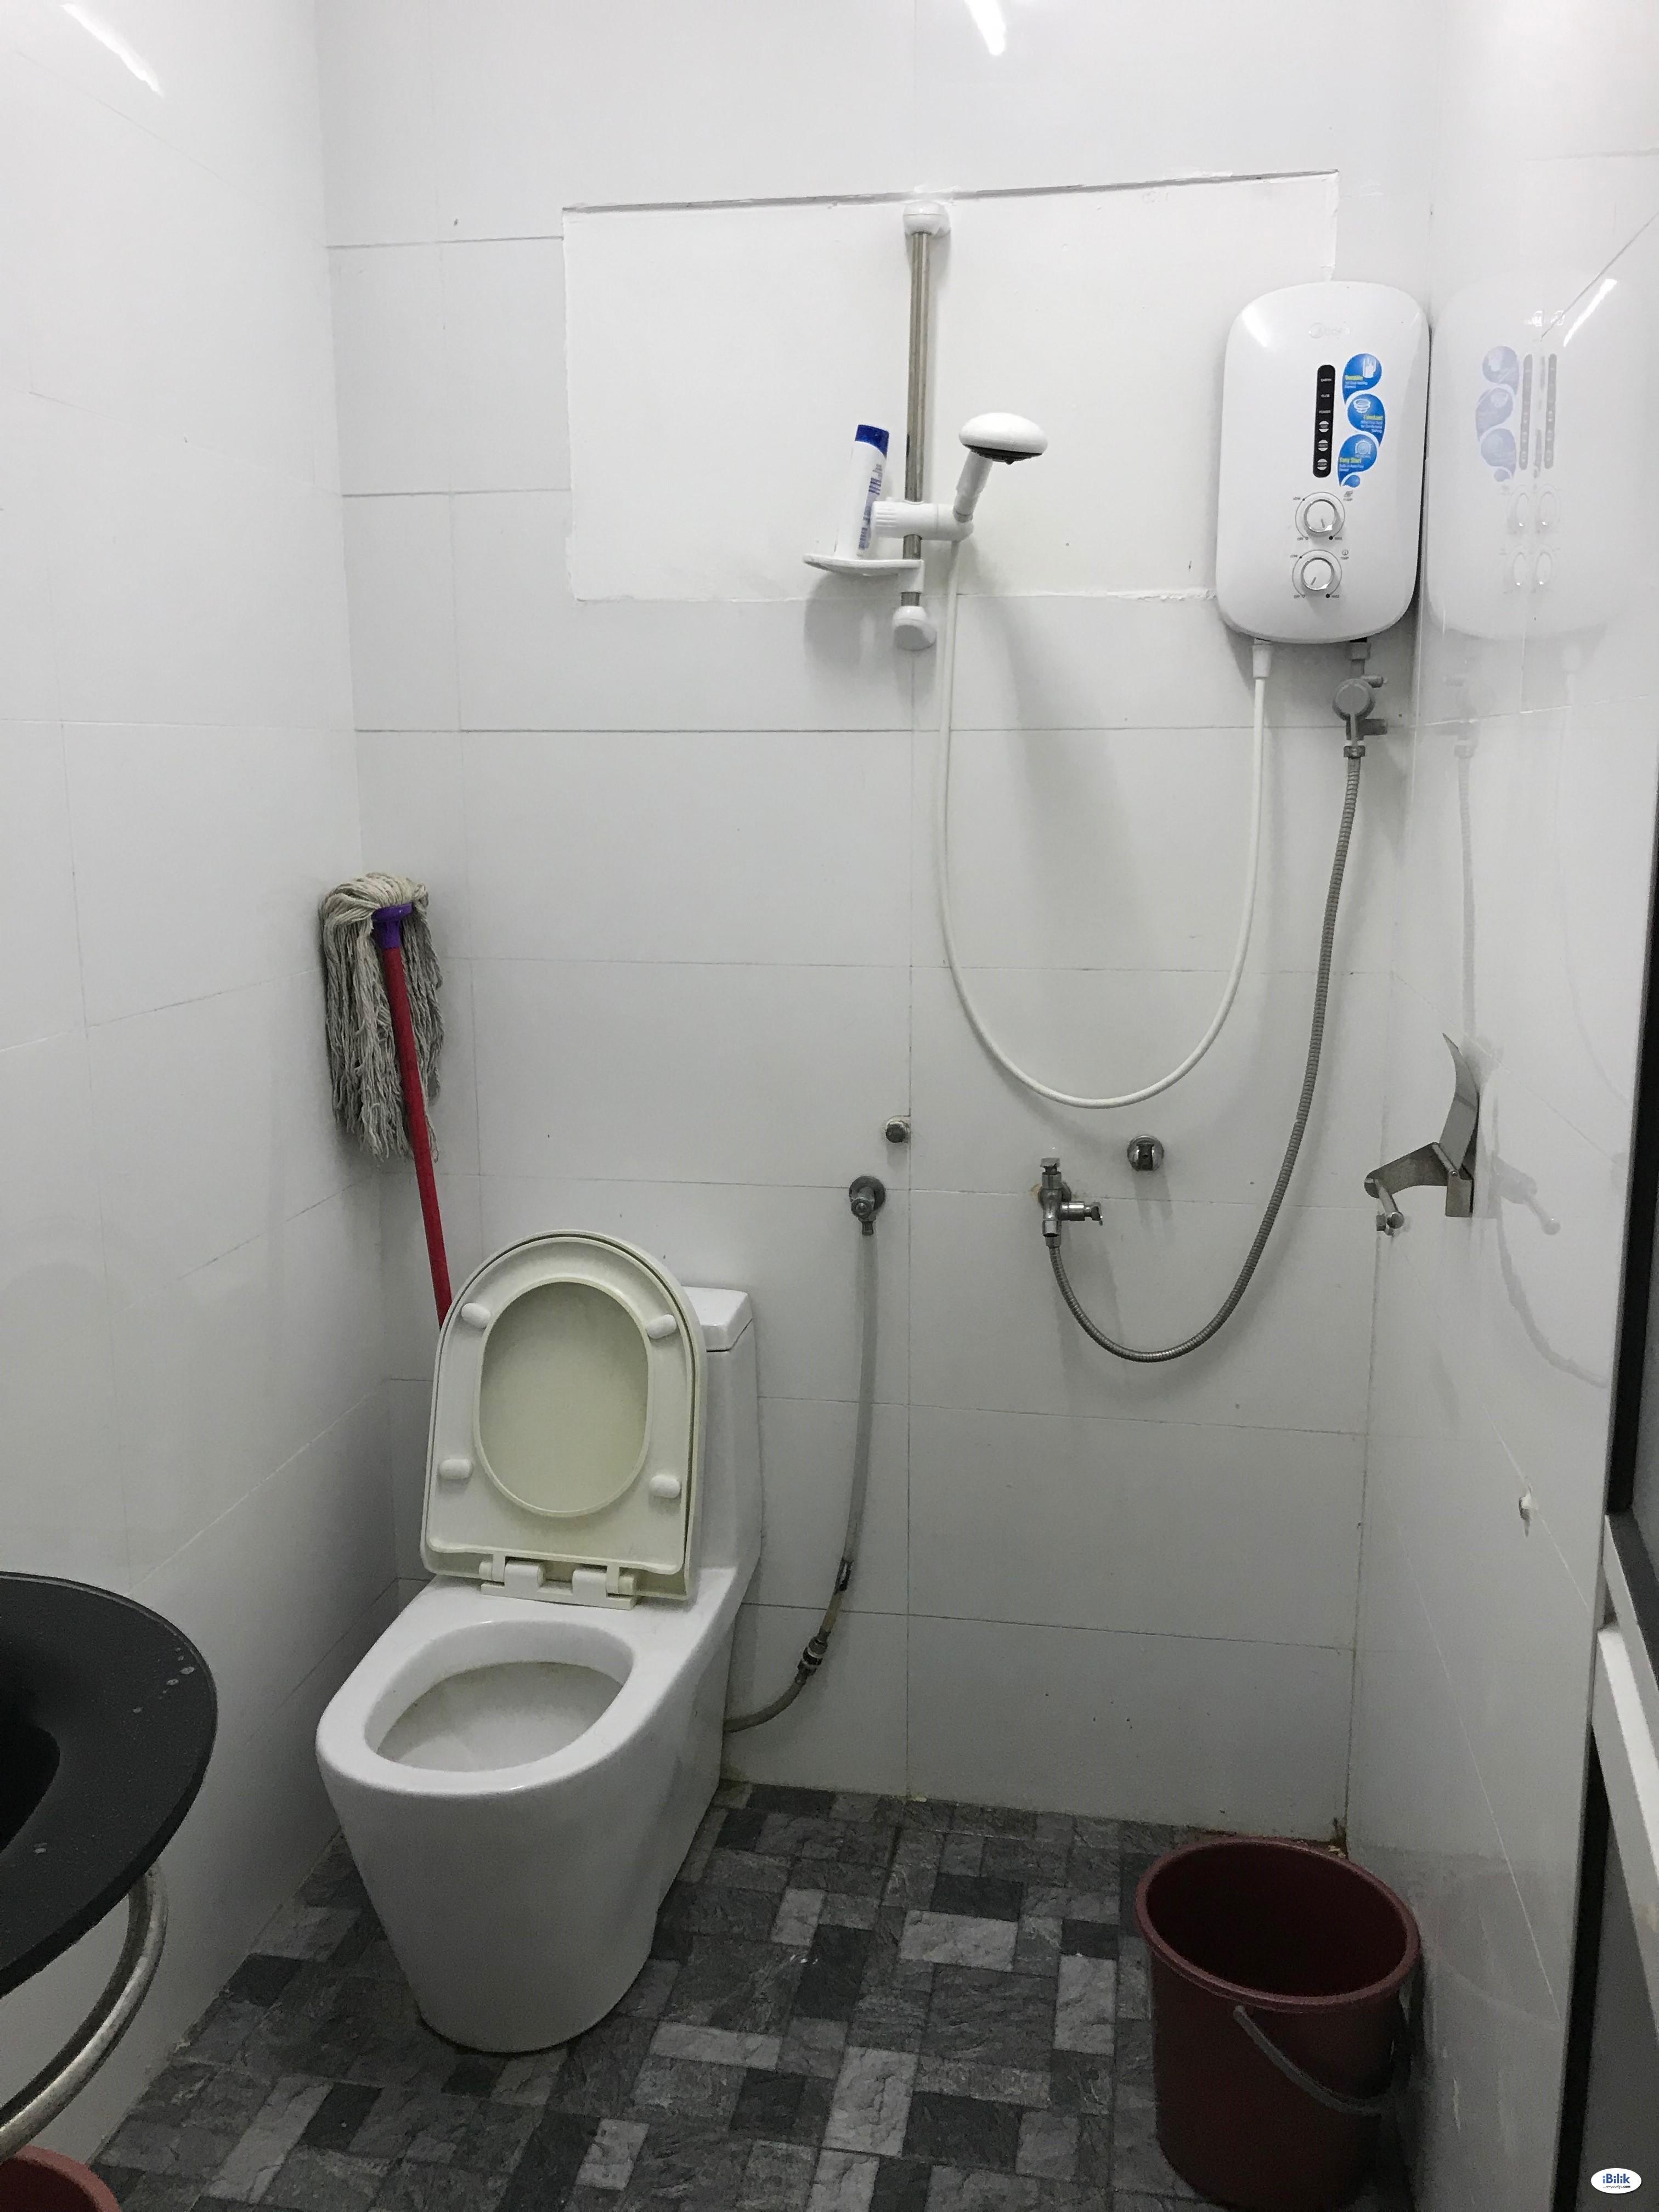 Middle Room At Kota Damansara, Petaling Jaya Walking Distance To Surian MRT STATION